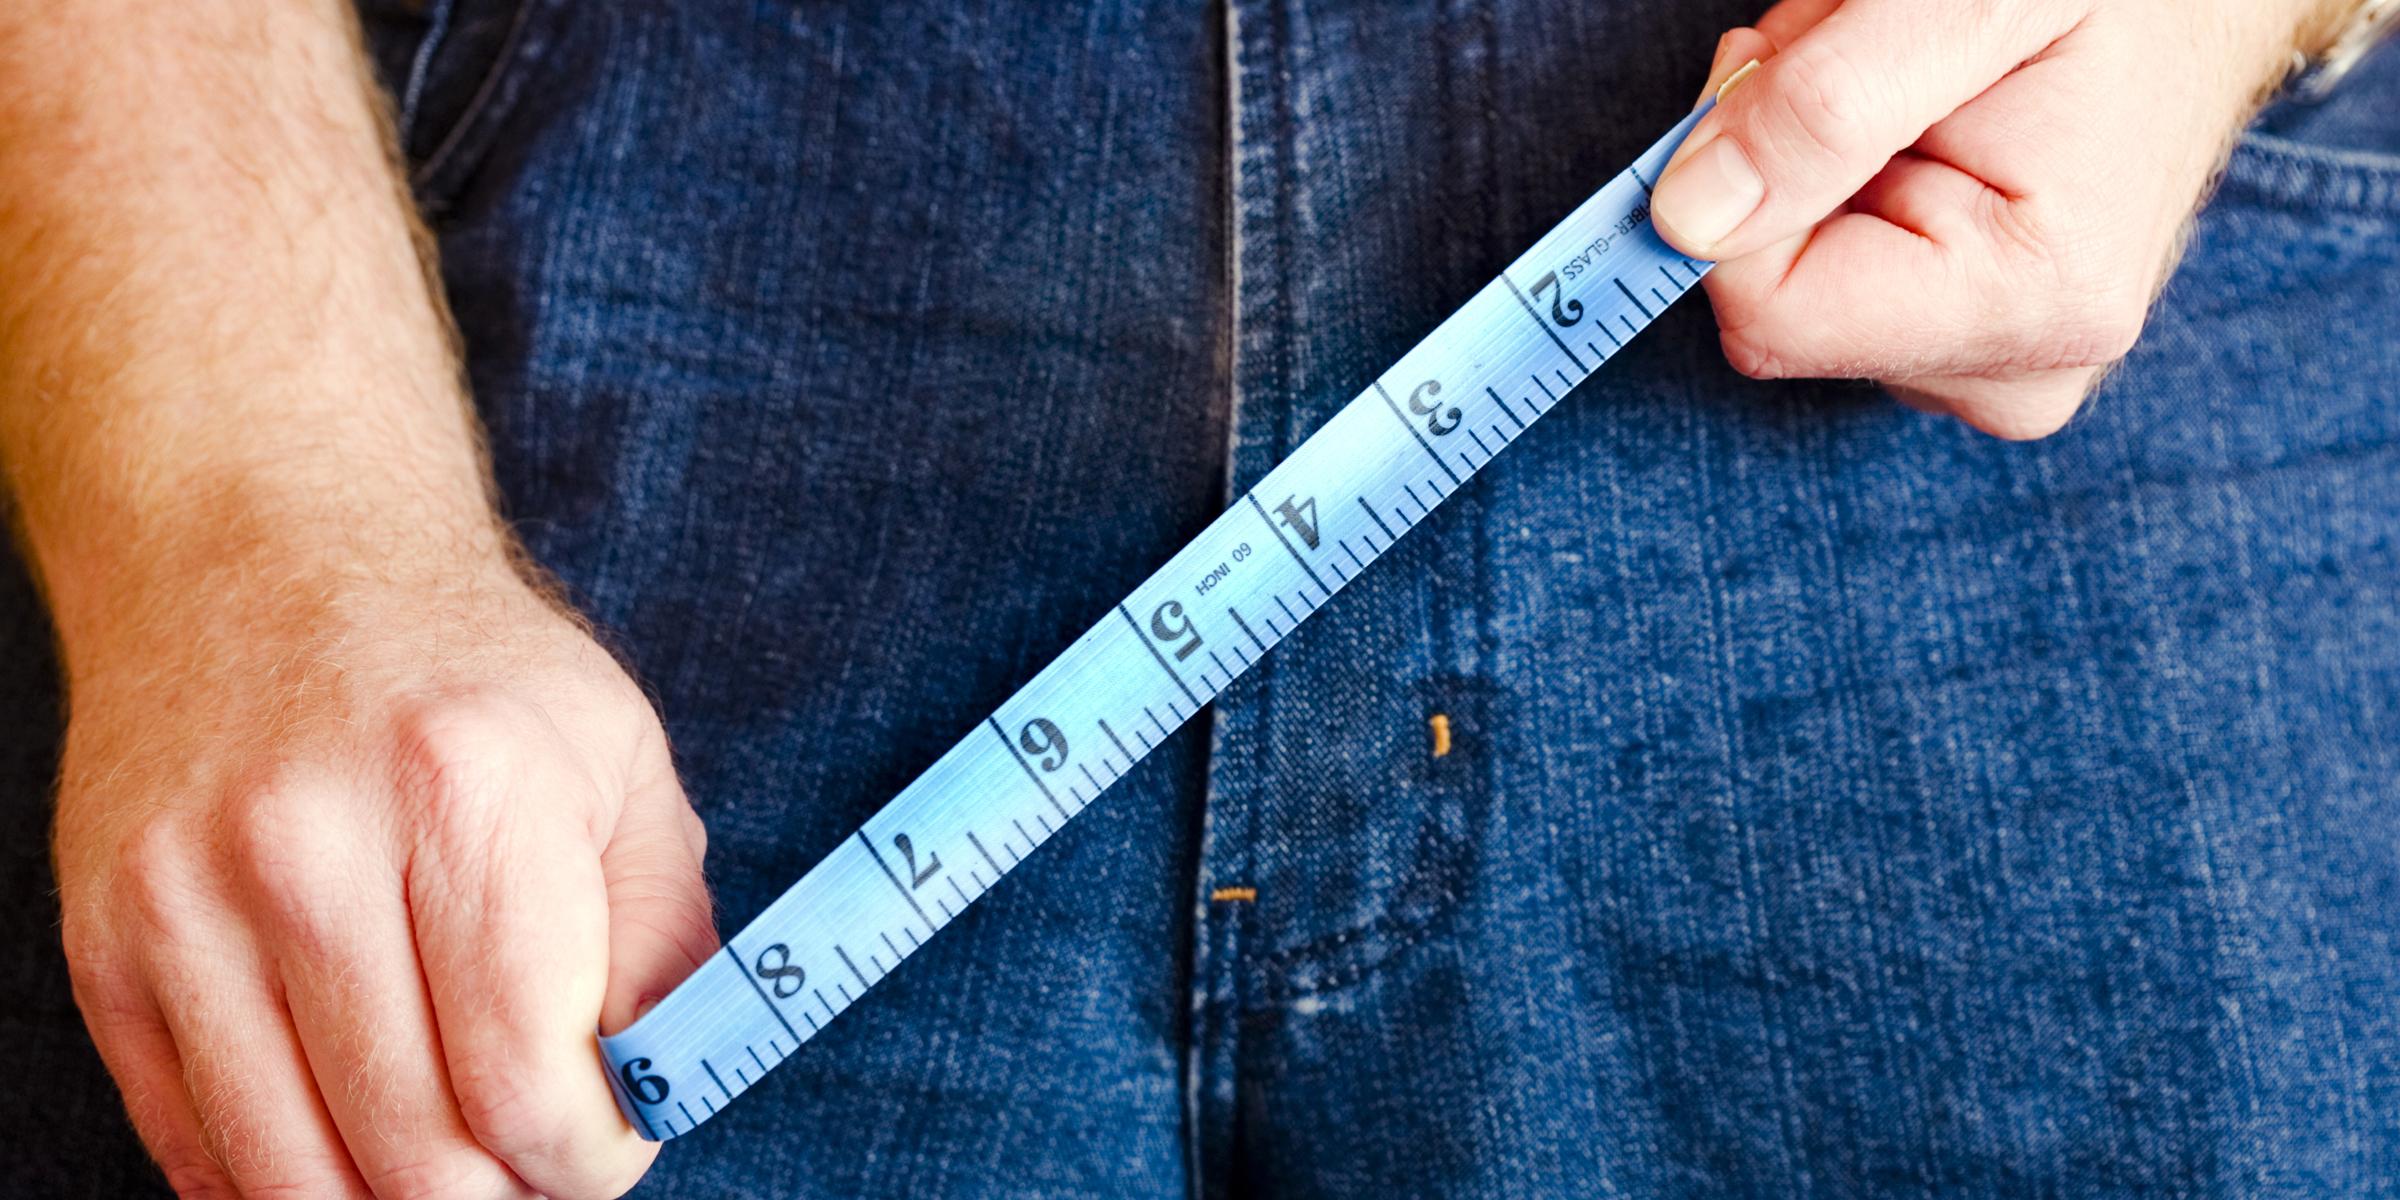 Lányok,19,5cm már kielégítő a számmotokra, mint pénisz méret?